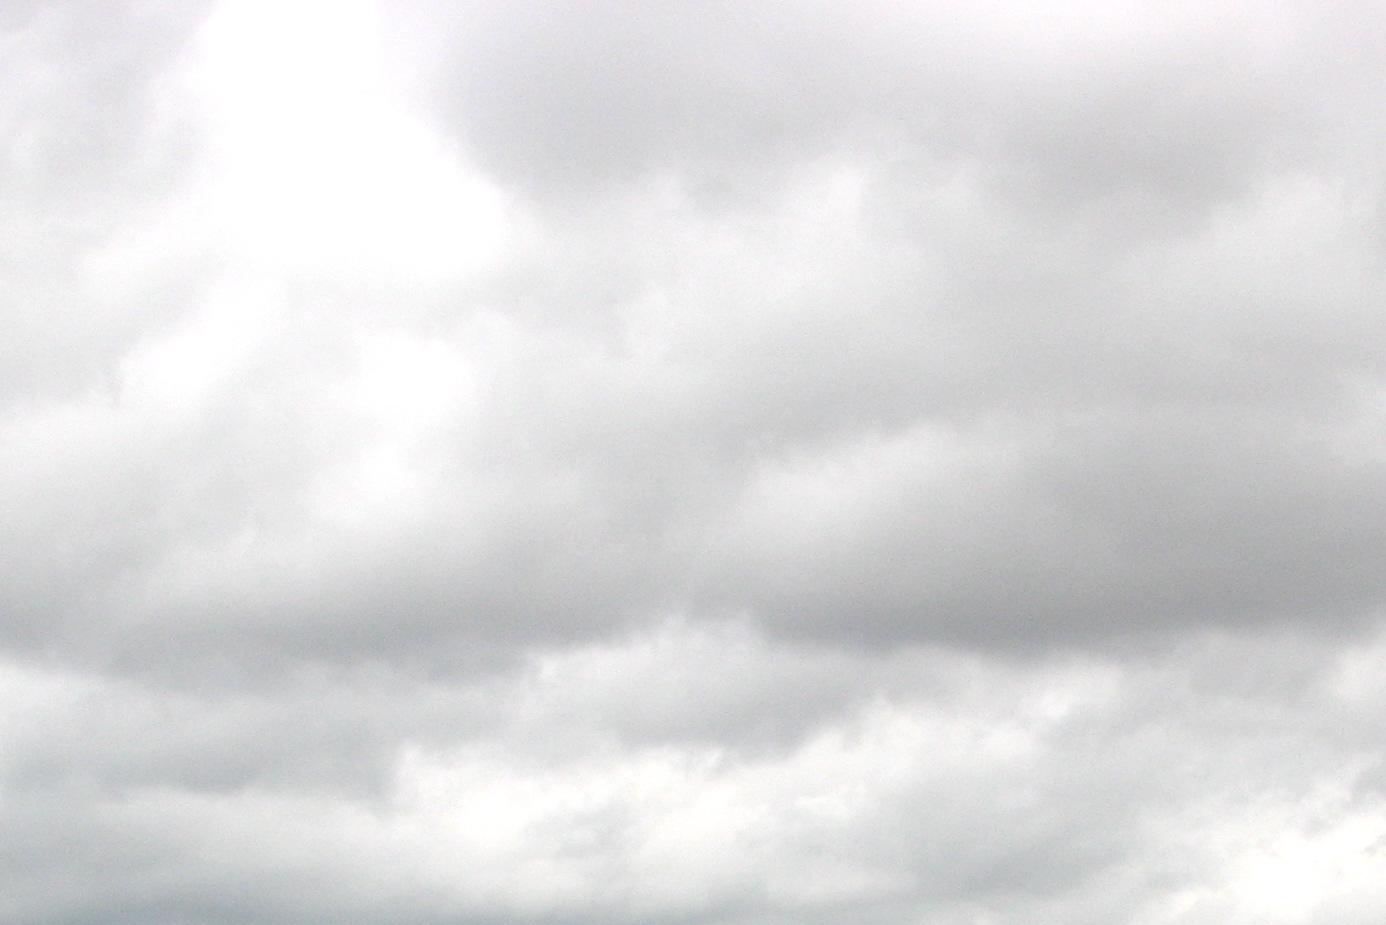 2010-07-25-In_The_Cloud.JPG